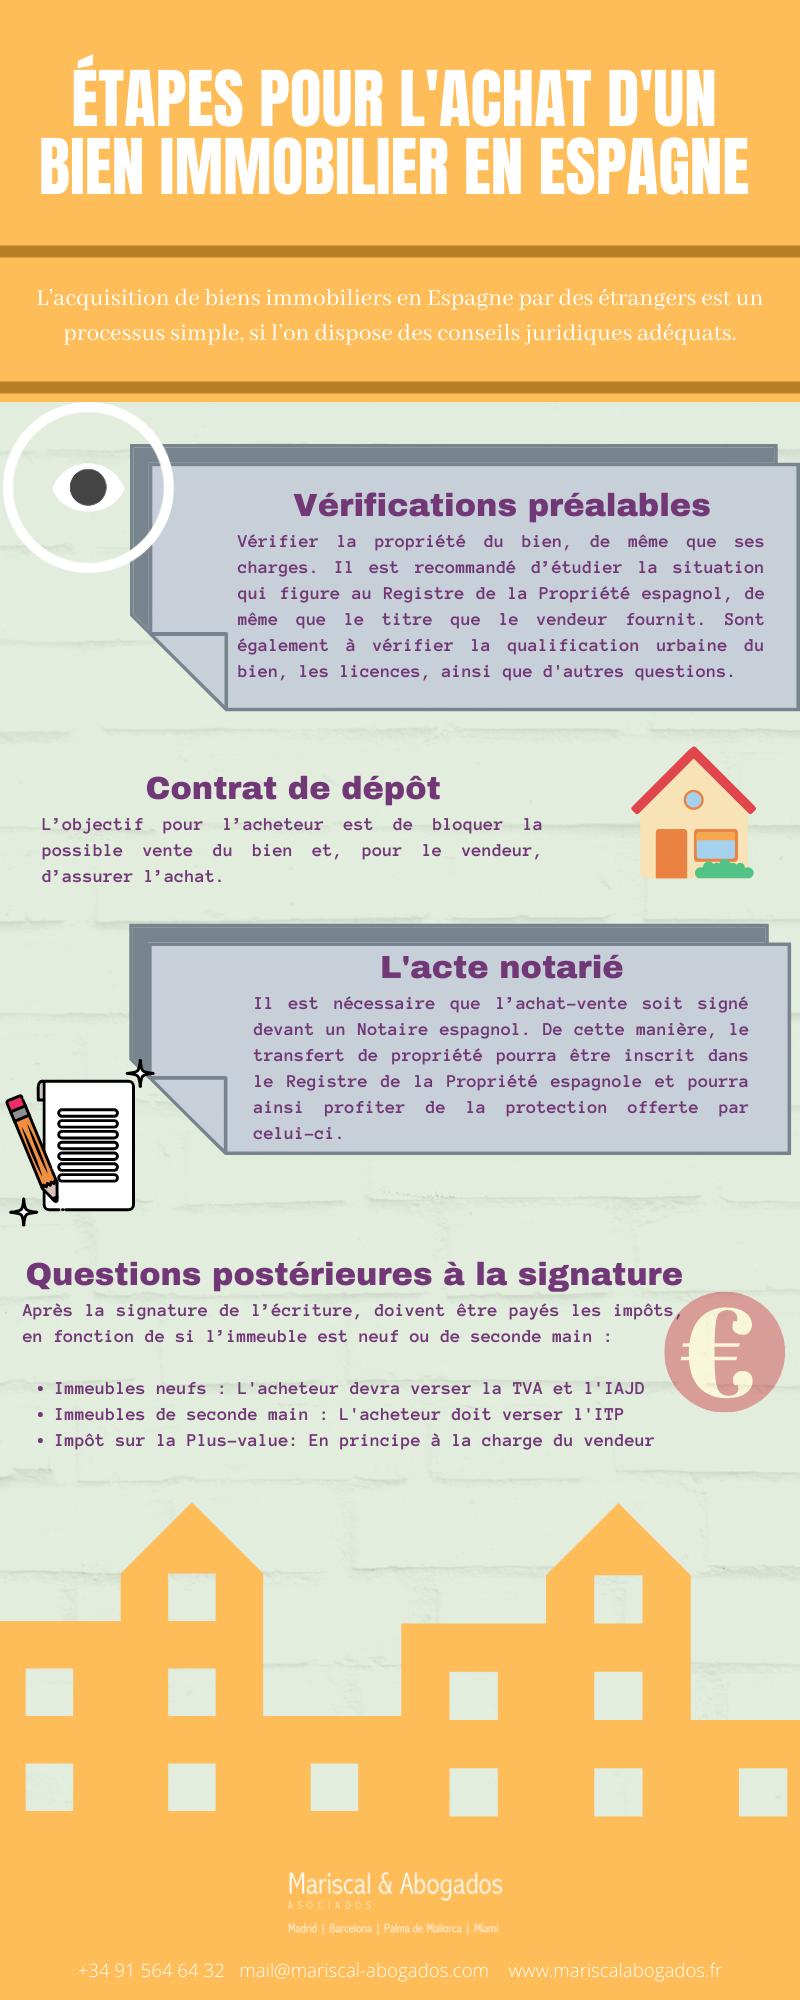 157 2014 Étapes pour l'achat d'un bien immobilier en Espagne